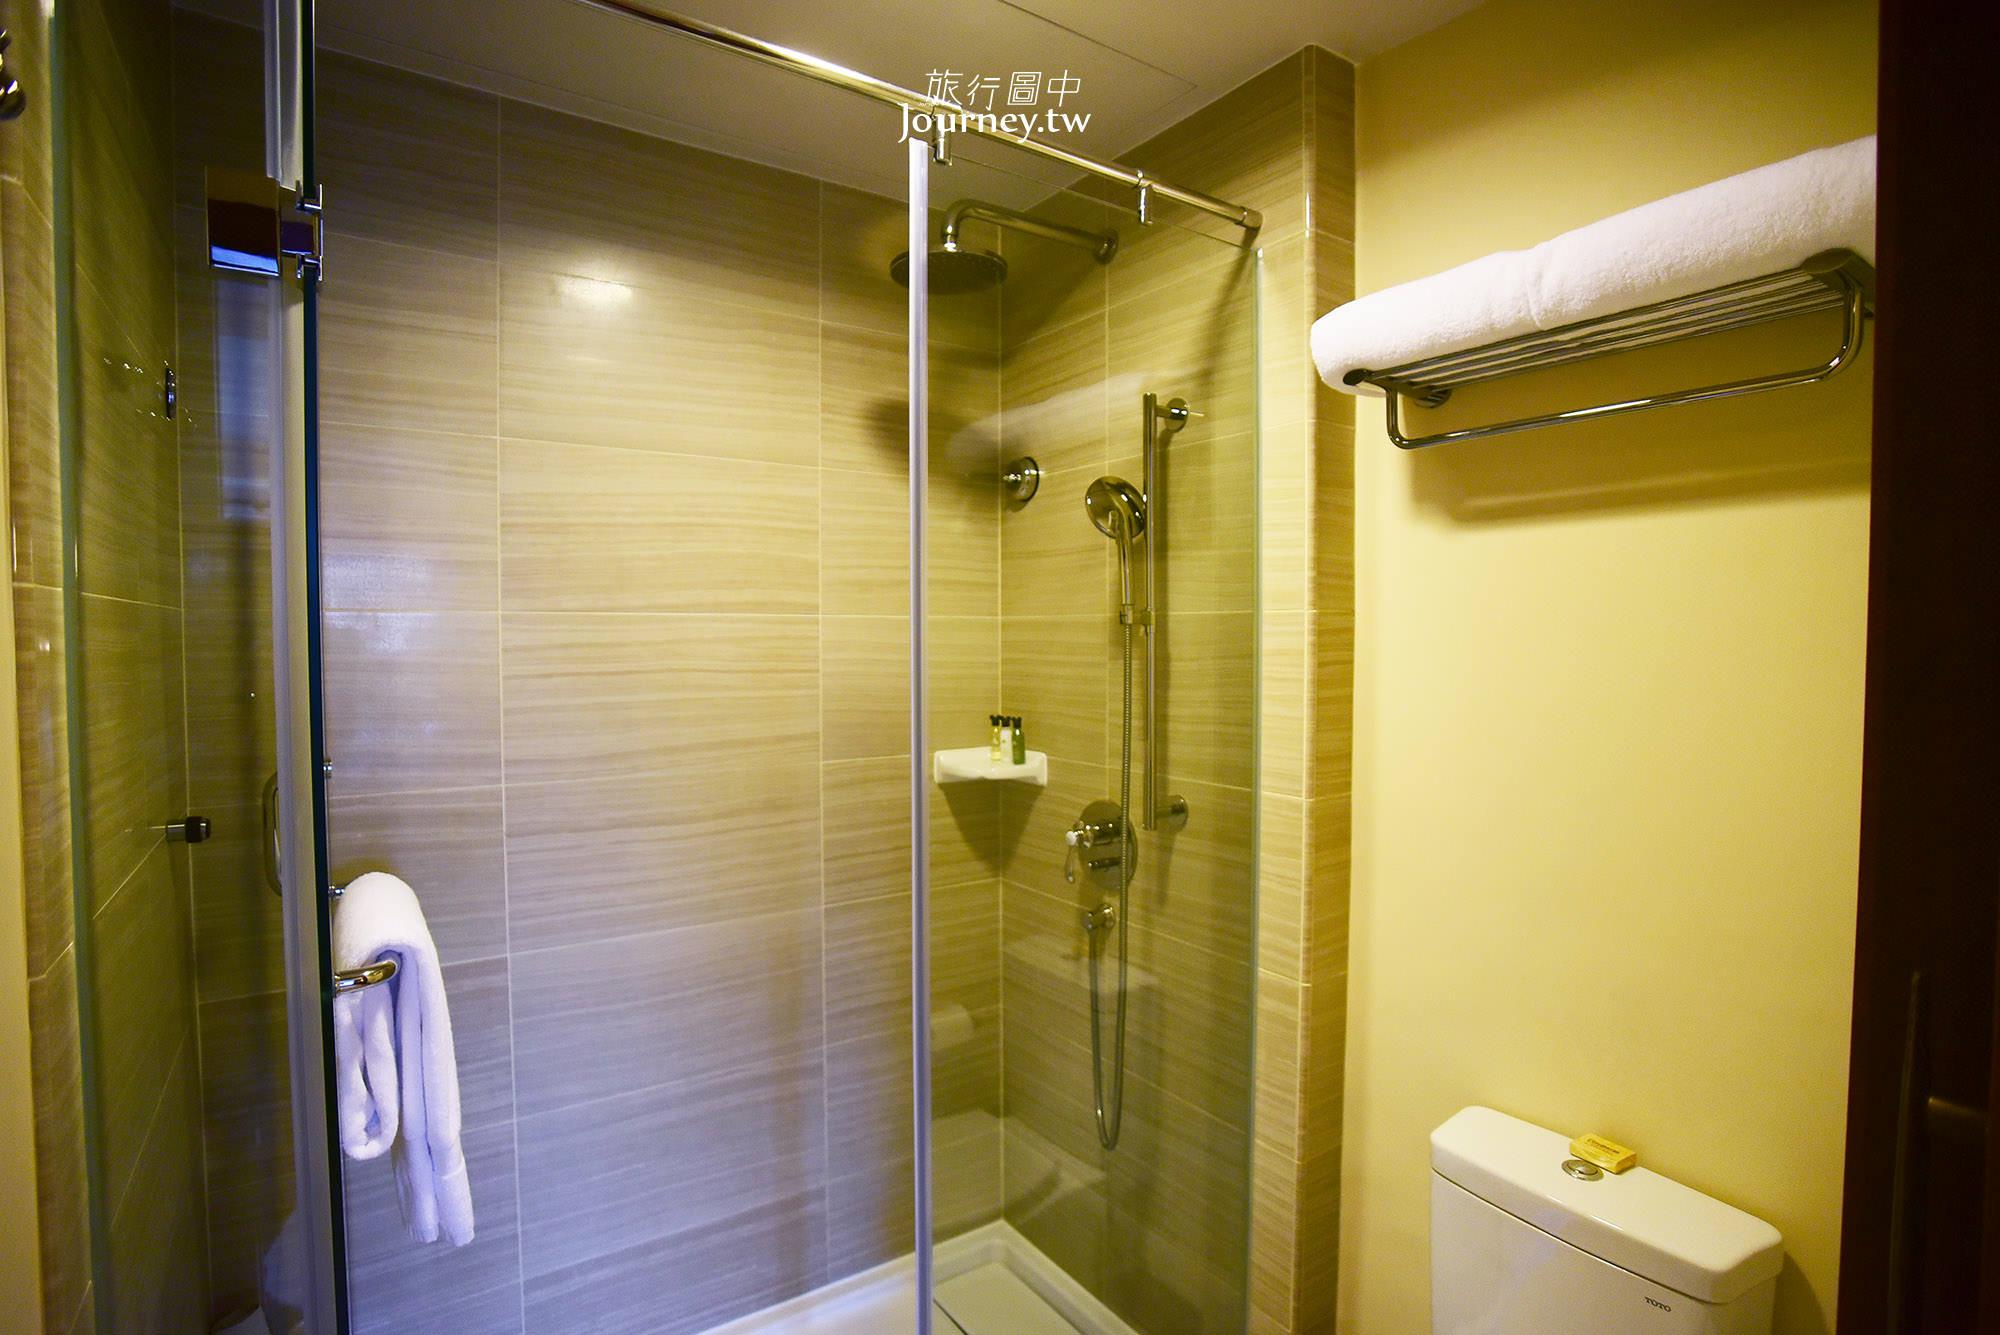 香港住宿,迪士尼,迪士尼住宿,迪士尼探索家度假酒店